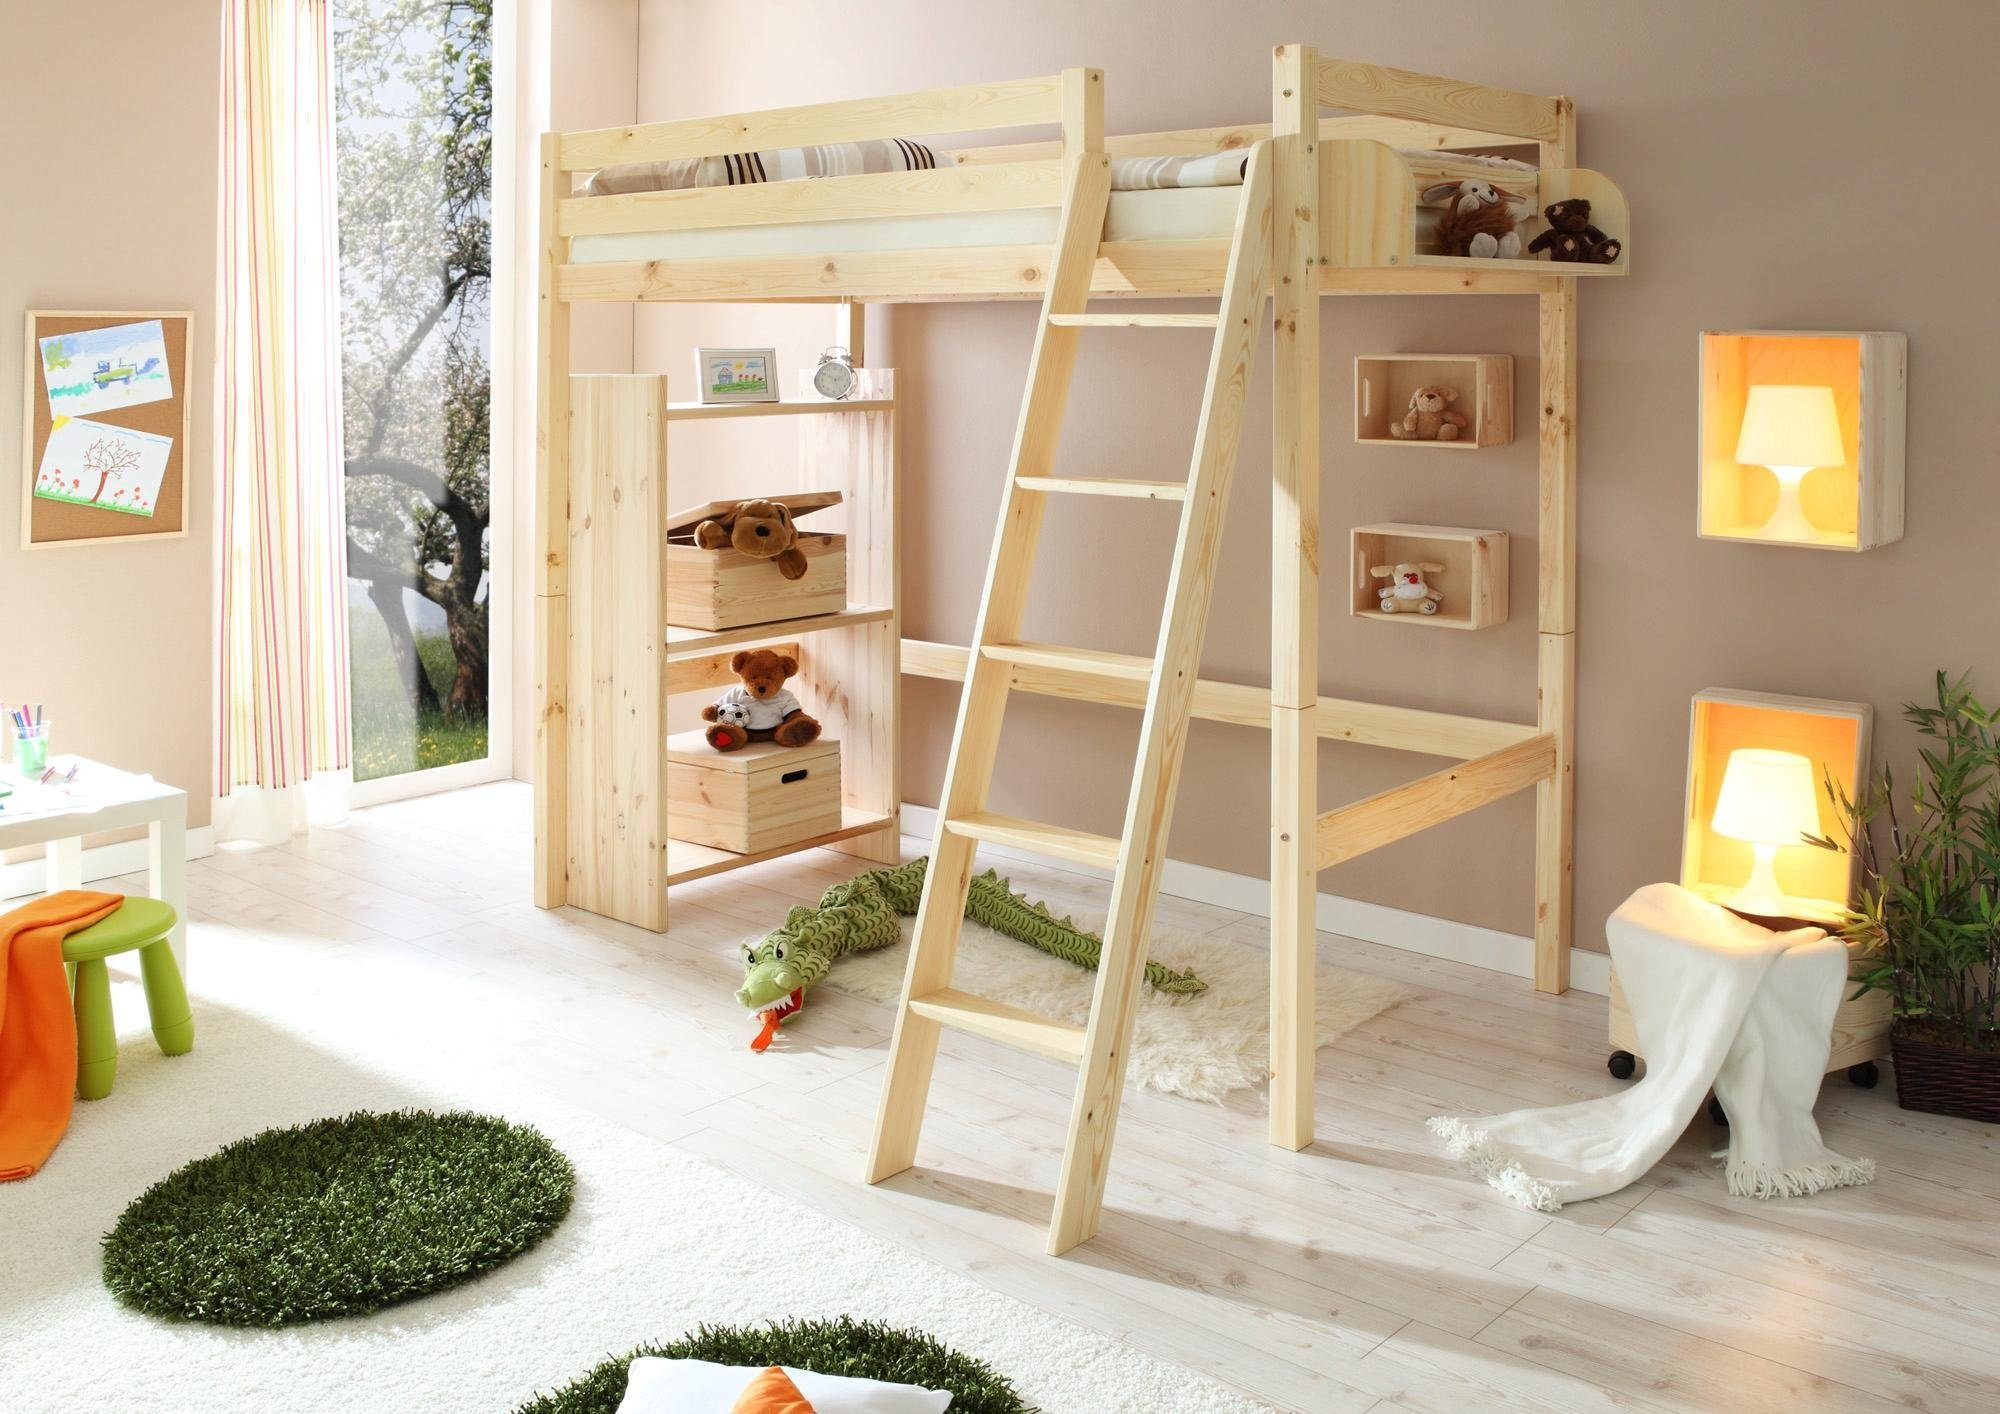 Ticaa Etagenbett Erni : Beige hoch etagenbetten und weitere betten günstig online